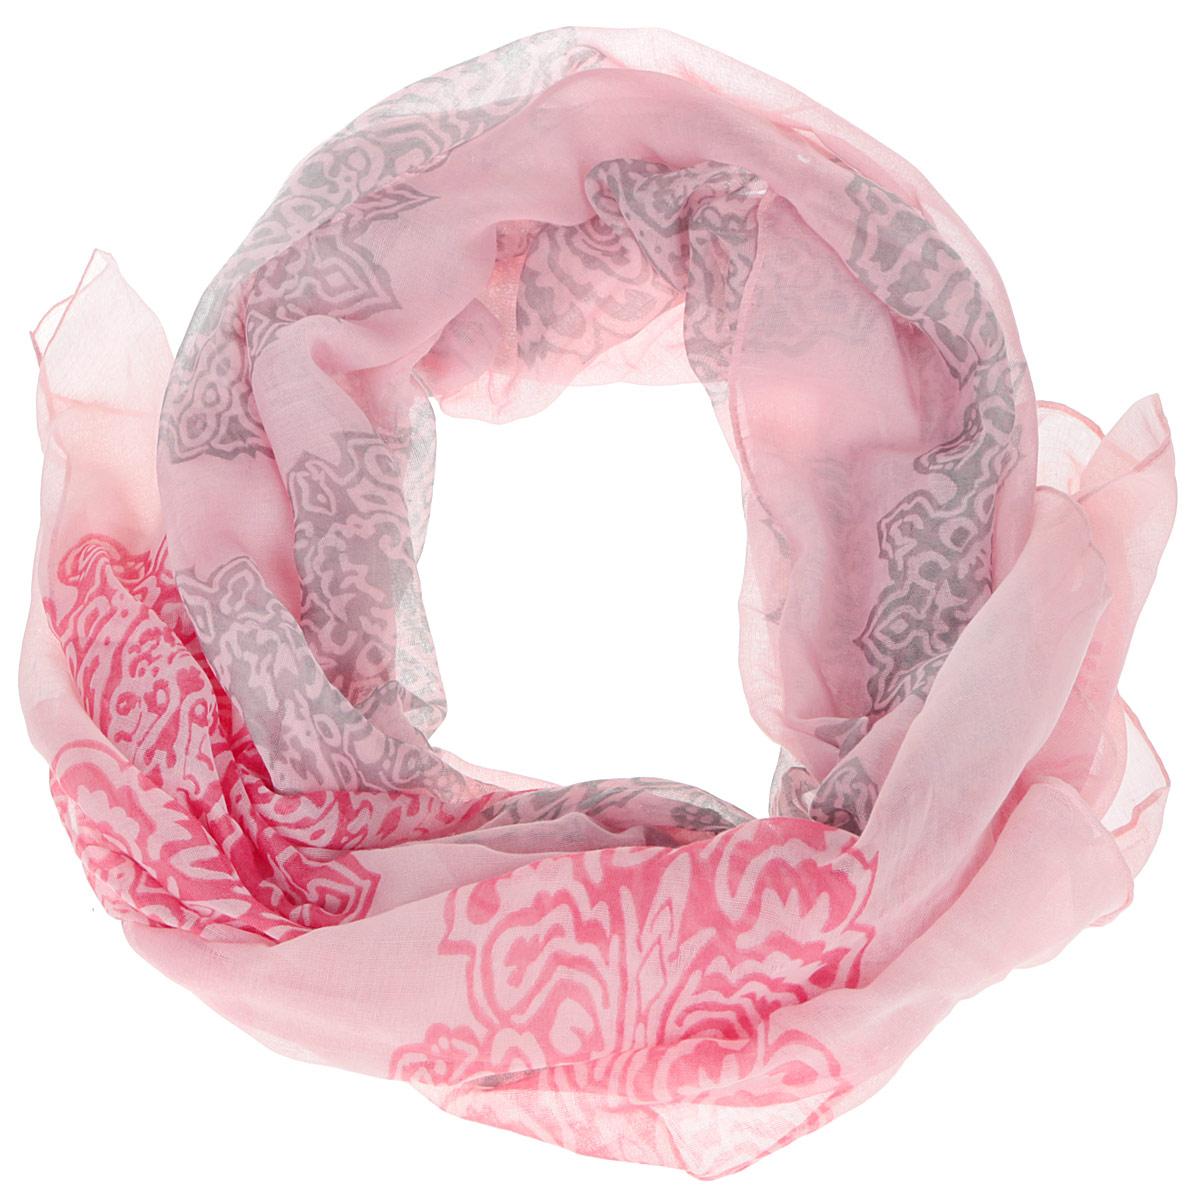 Шарф женский Finn Flare, цвет: розовый, серый. B16-11416. Размер 180 см х 85 смB16-11416Женский шарф Finn Flare станет изысканным аксессуаром, который подчеркнет вашу индивидуальность. Выполненный из вискозы, он очень мягкий и приятный на ощупь. Модель оформлена принтом с узорами.Такой шарф станет стильным дополнением к гардеробу современной женщины, а также подарит ощущение комфорта и уюта.